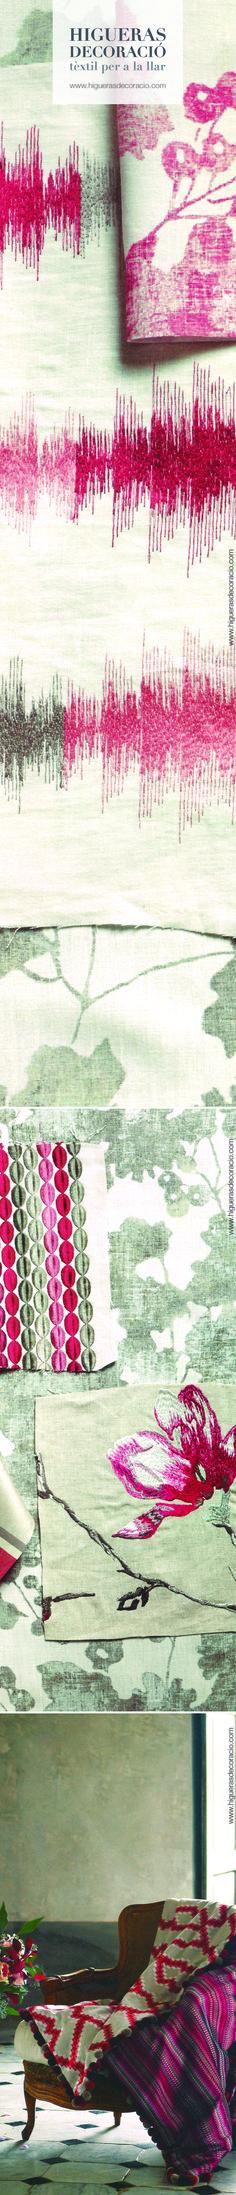 Lino natural estampado y con textura. Tejidos envejecidos para estancias donde el diseño vanguardista y la arquitectura clásica conviven con elegancia. www.higuerasdecoracio.com